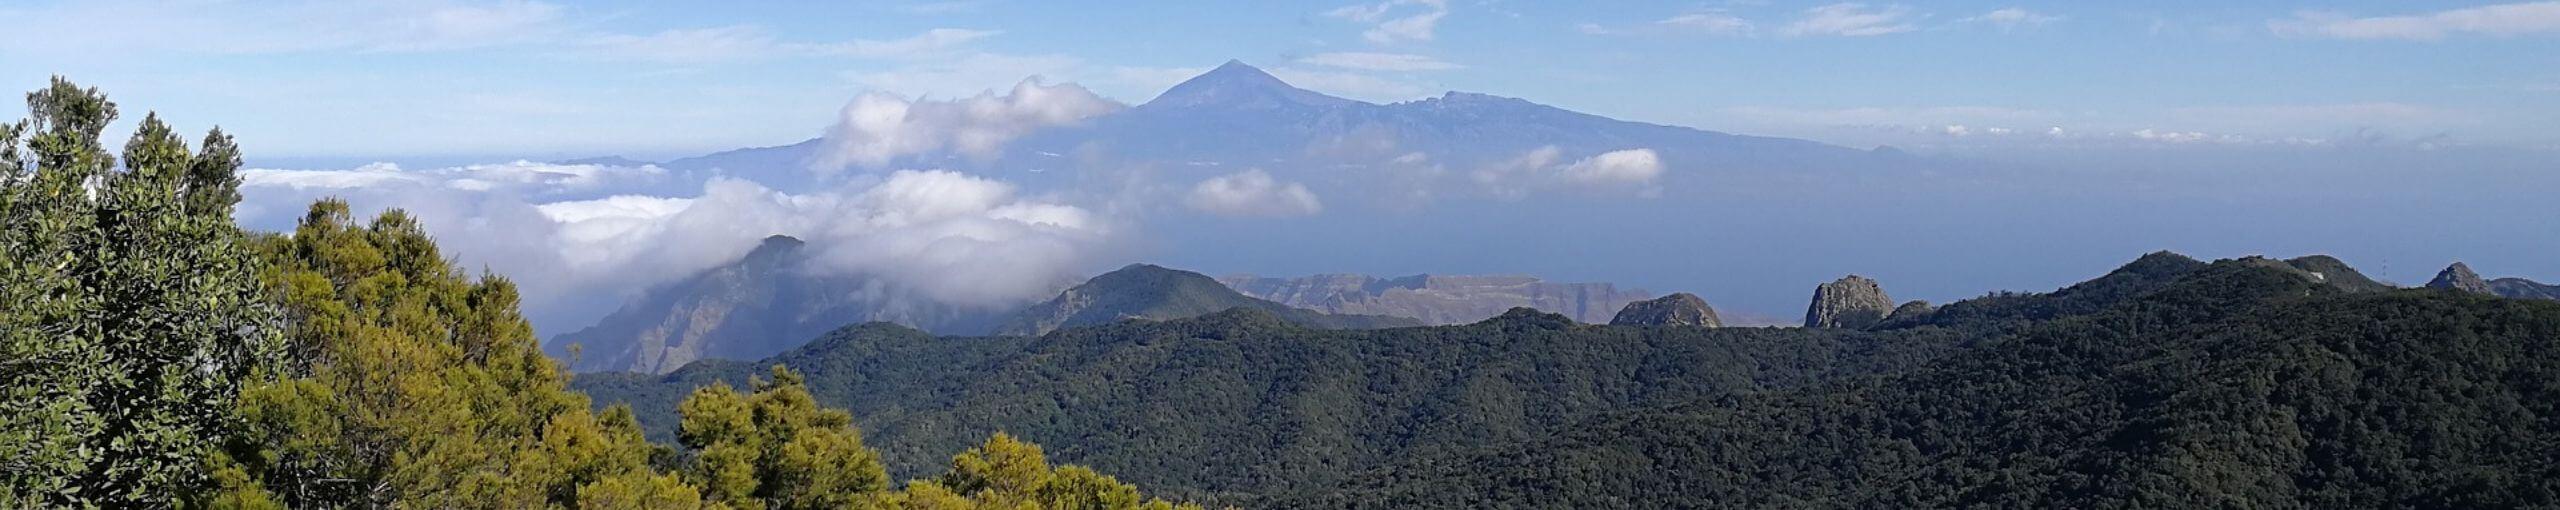 Parque Nacional de Garajonay, Isla de La Gomera. Islas Canarias.